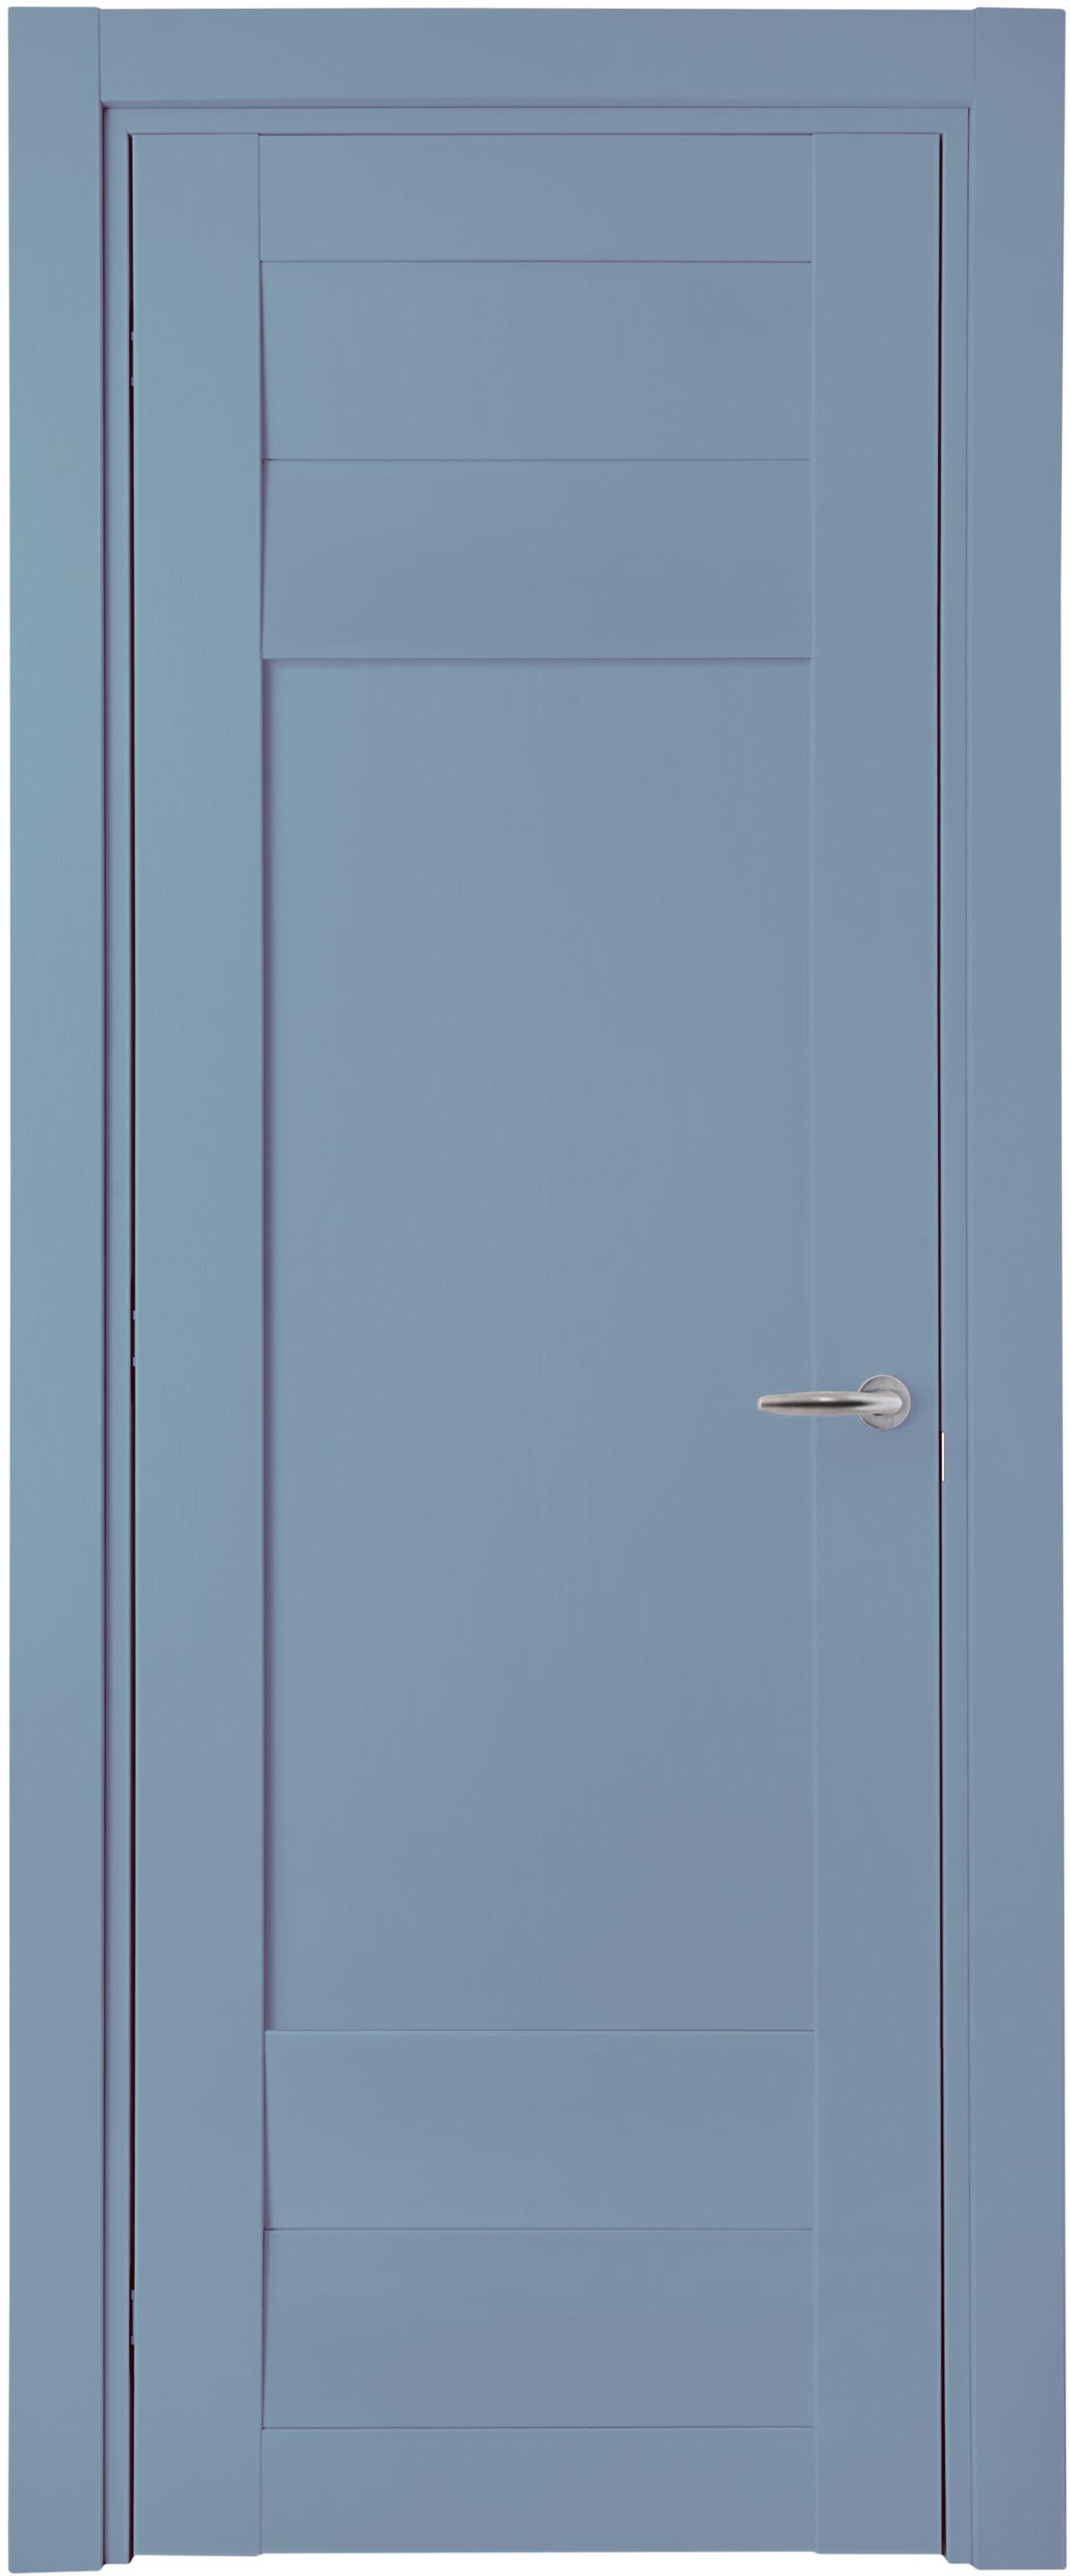 Межкомнатные двери Onda Largo 4K1B